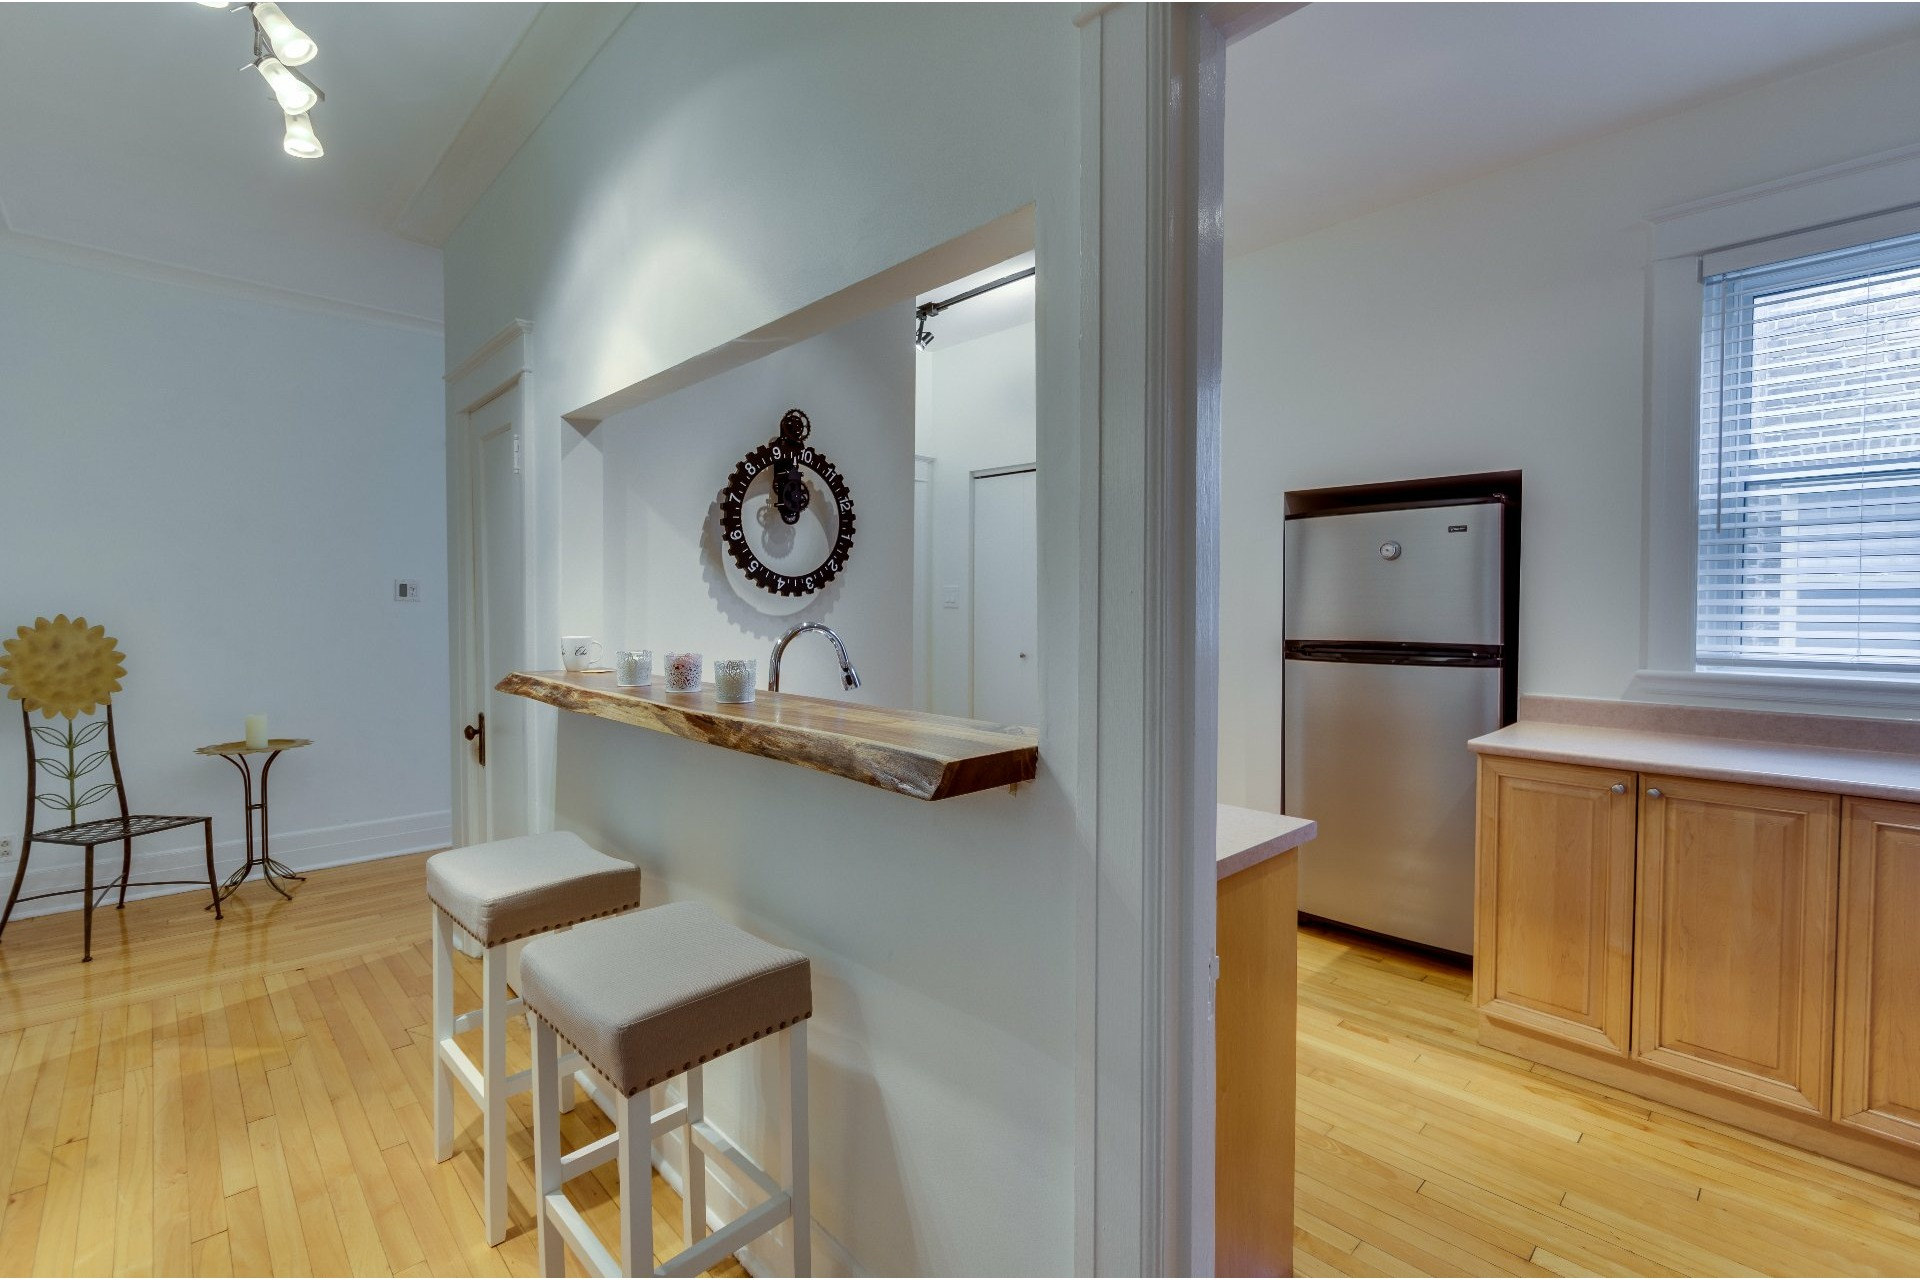 image 3 - Apartment For sale Côte-des-Neiges/Notre-Dame-de-Grâce Montréal  - 7 rooms